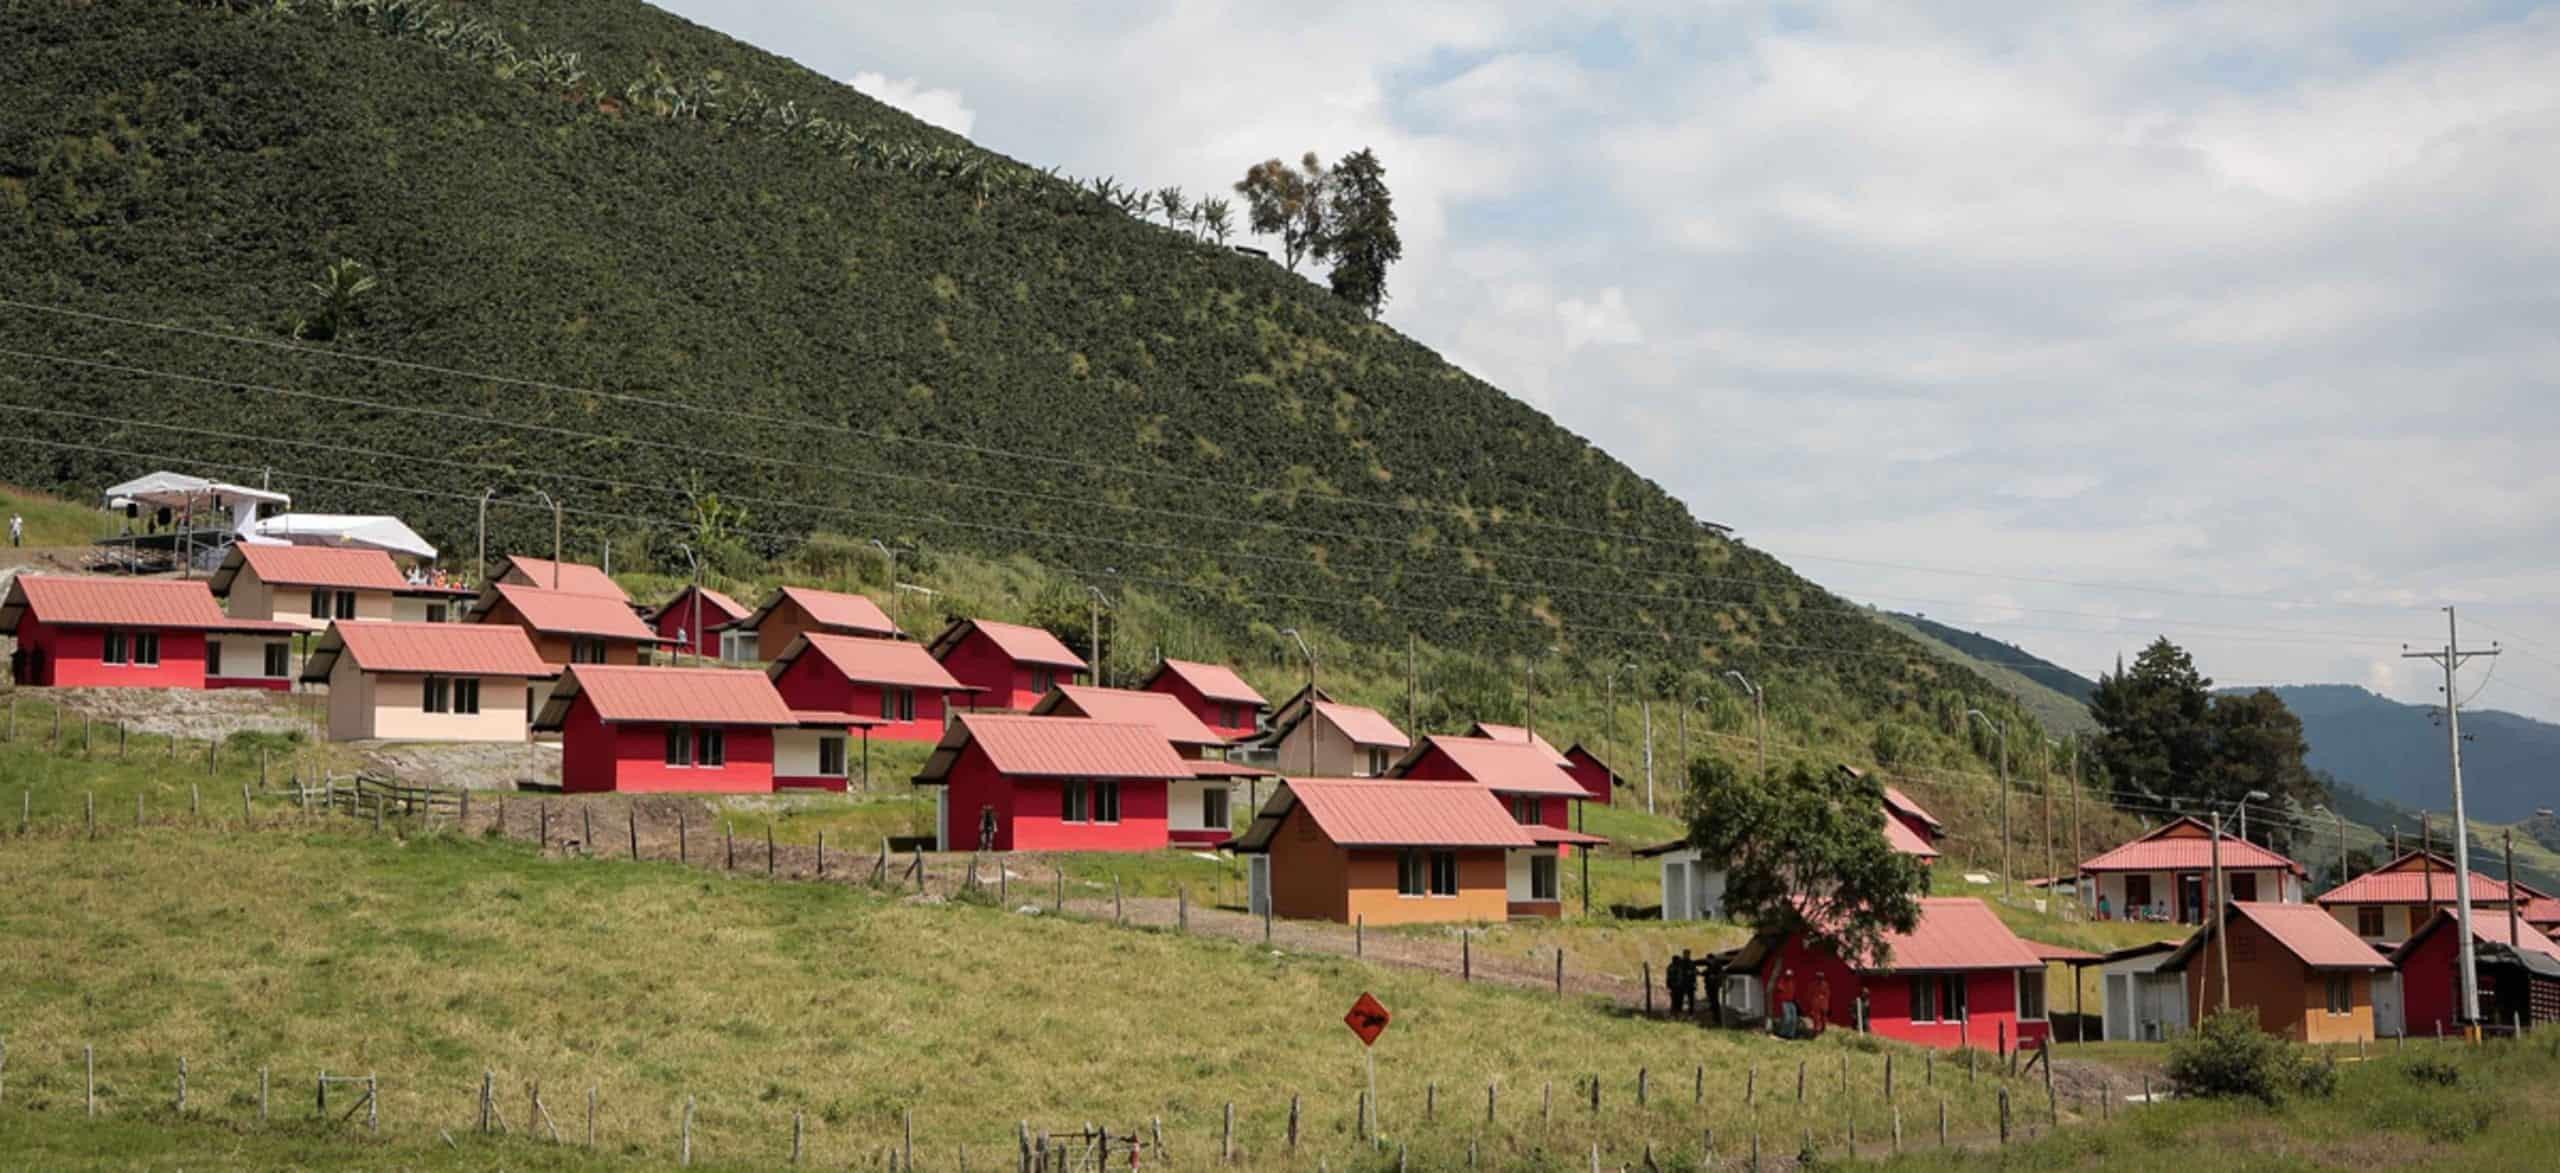 Casas en áreas rurales en España